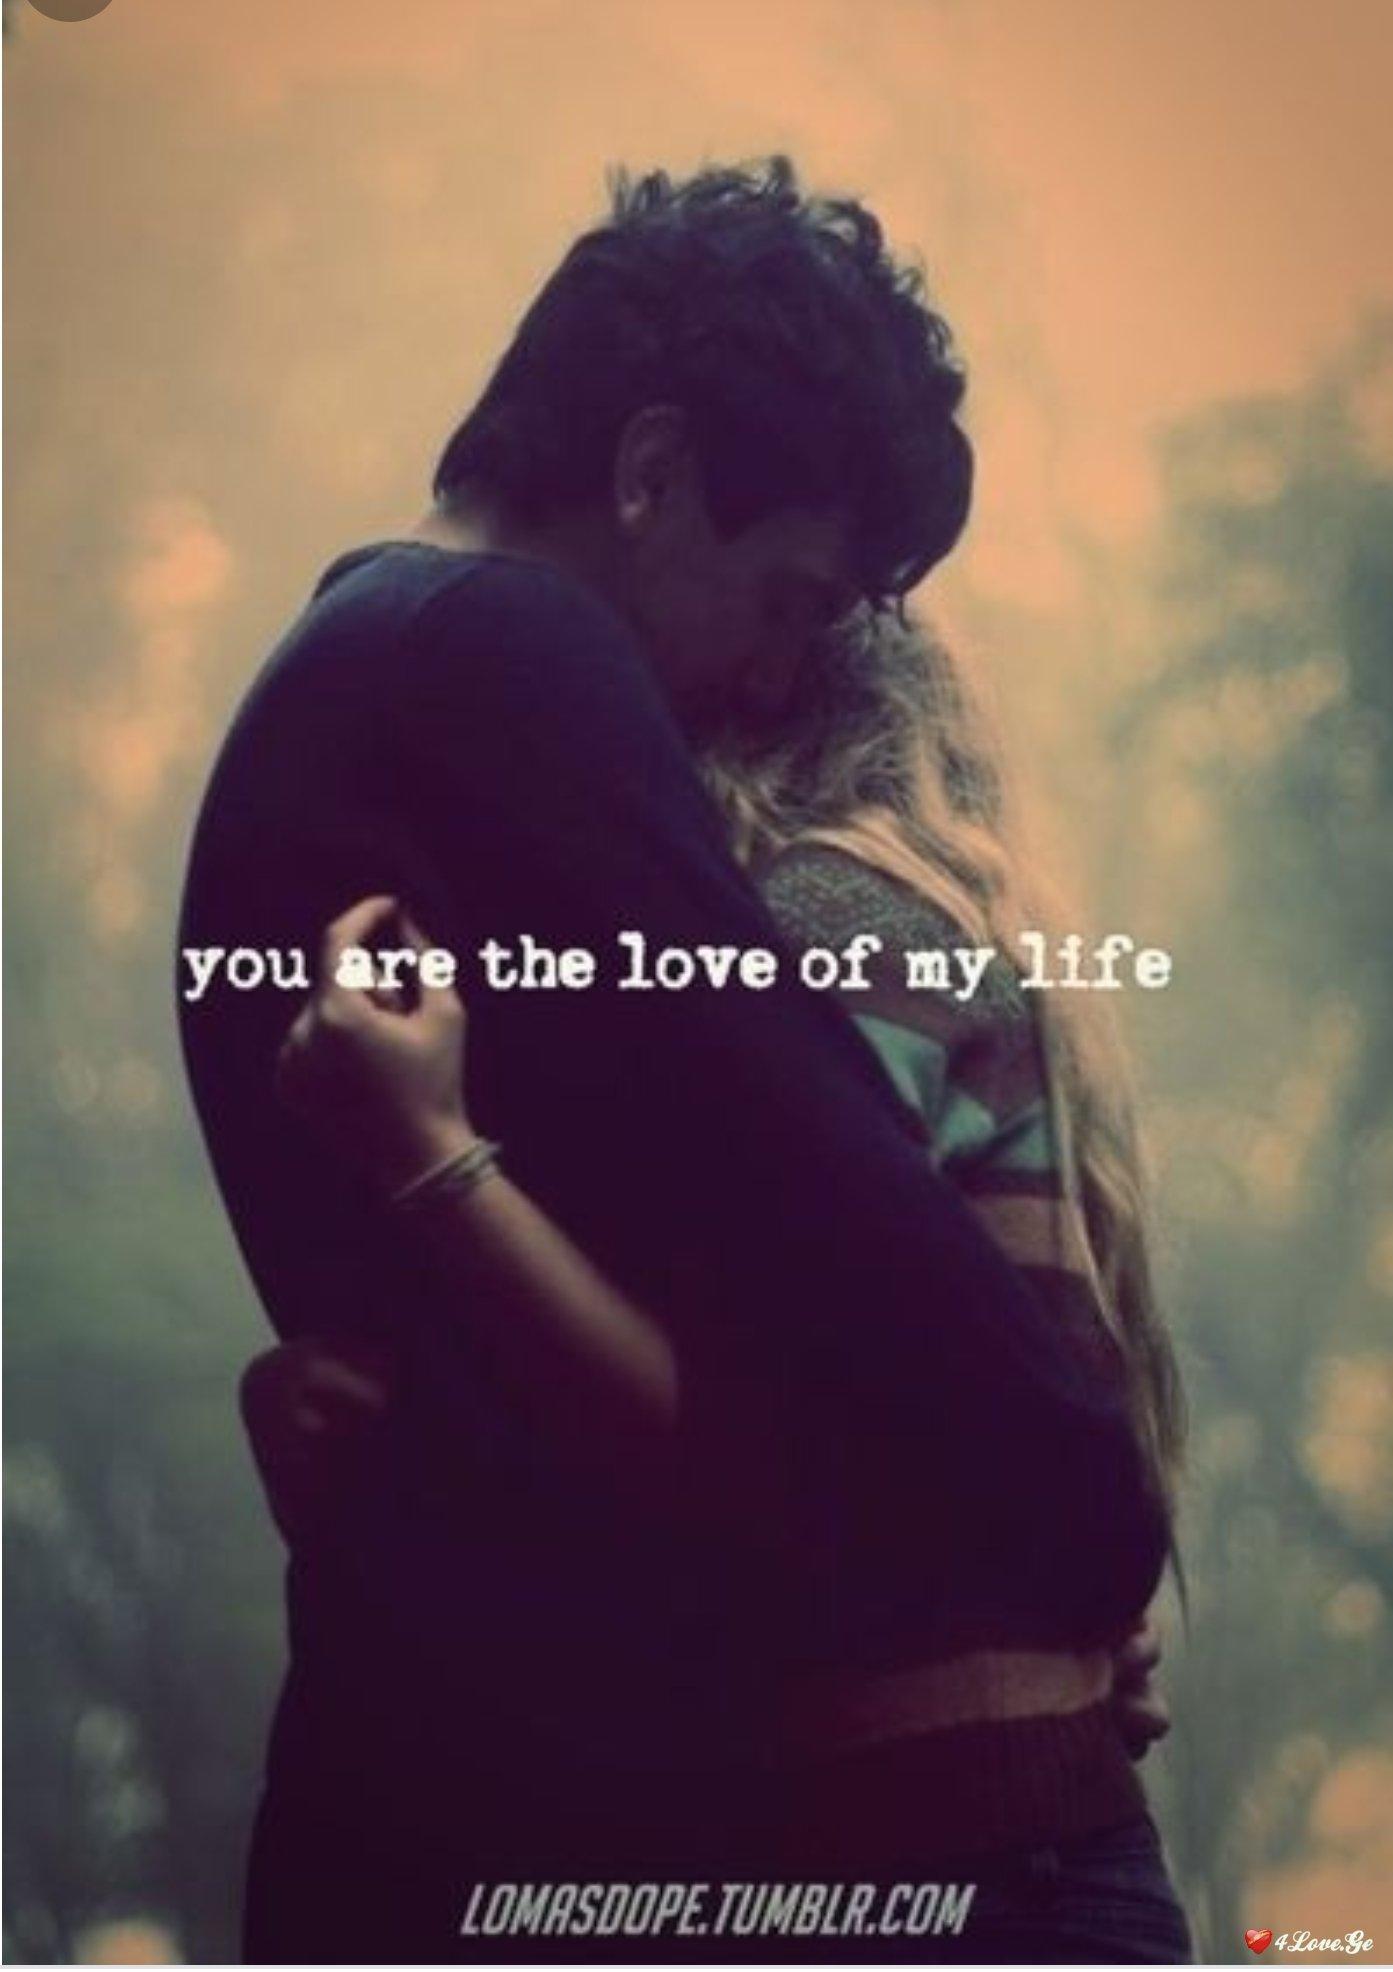 მე და ჩემი სიყვარული